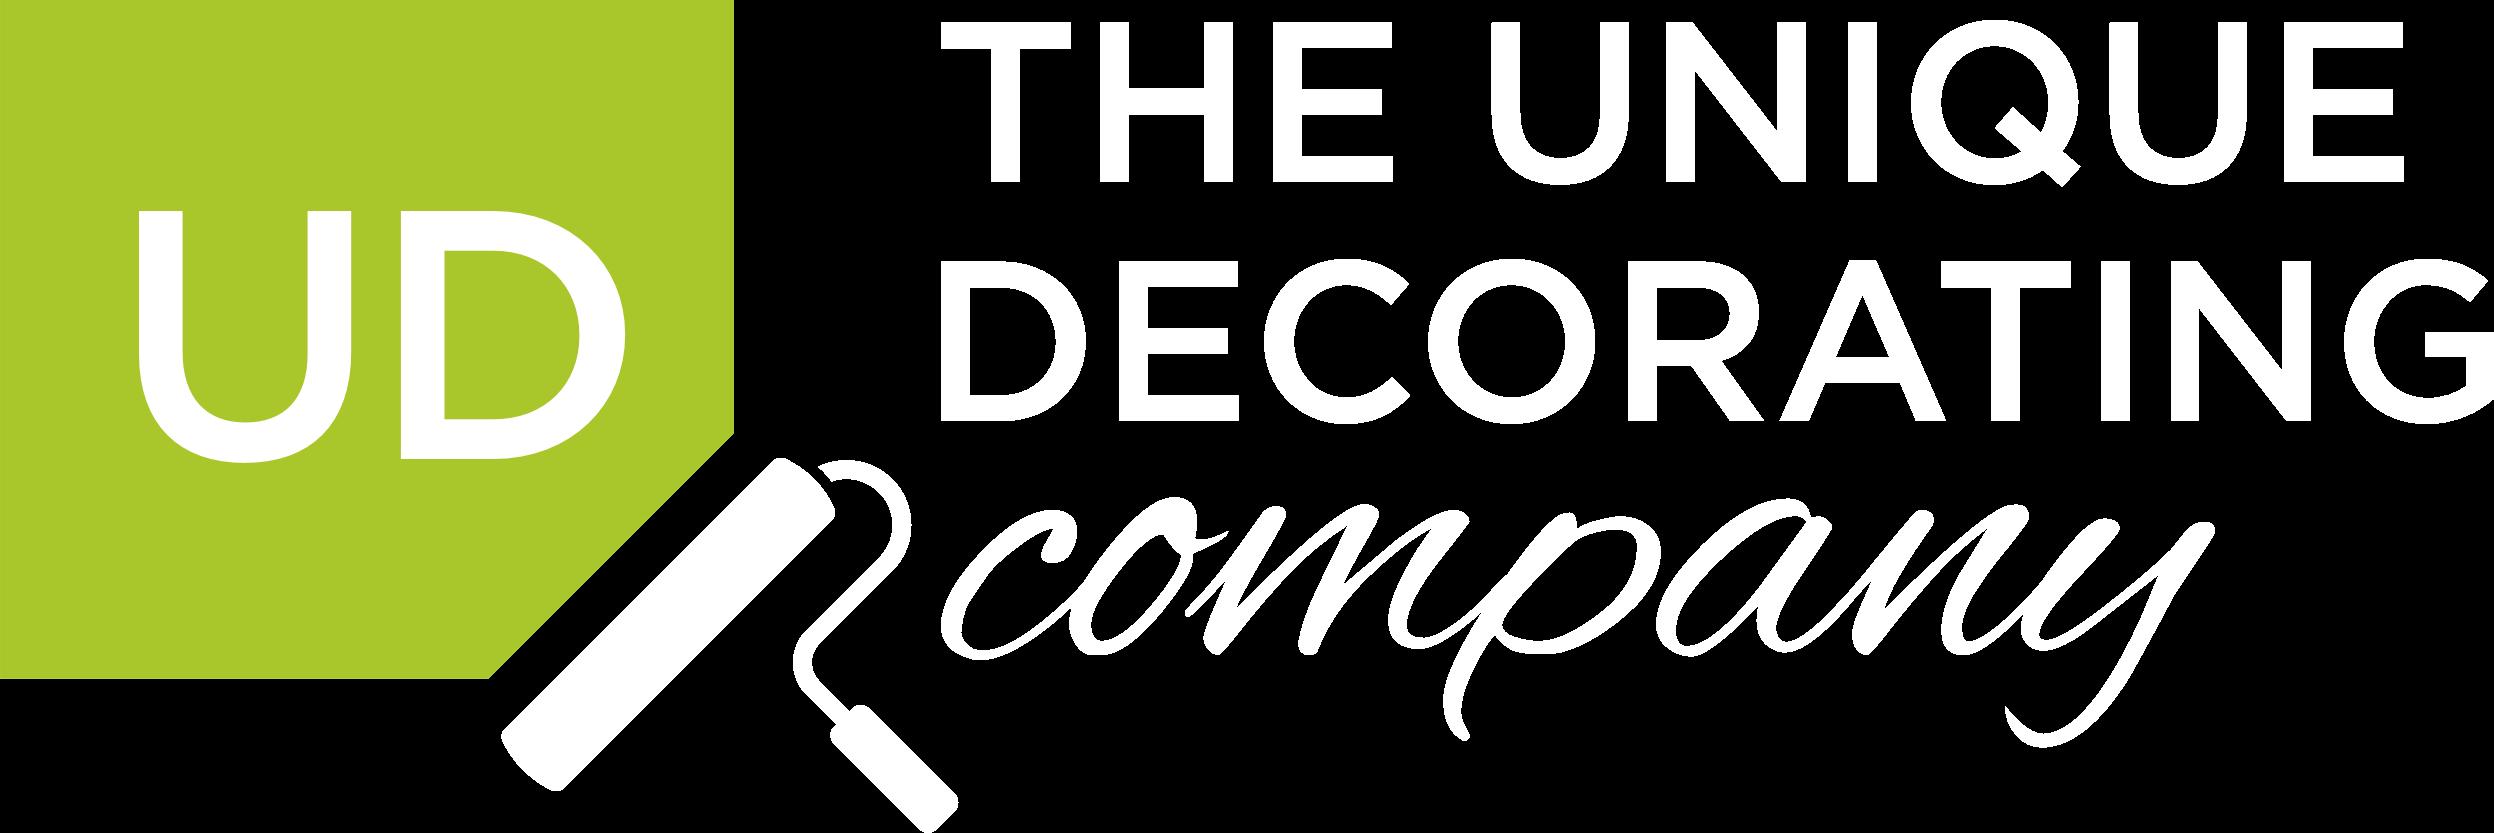 Unique Decorating Company